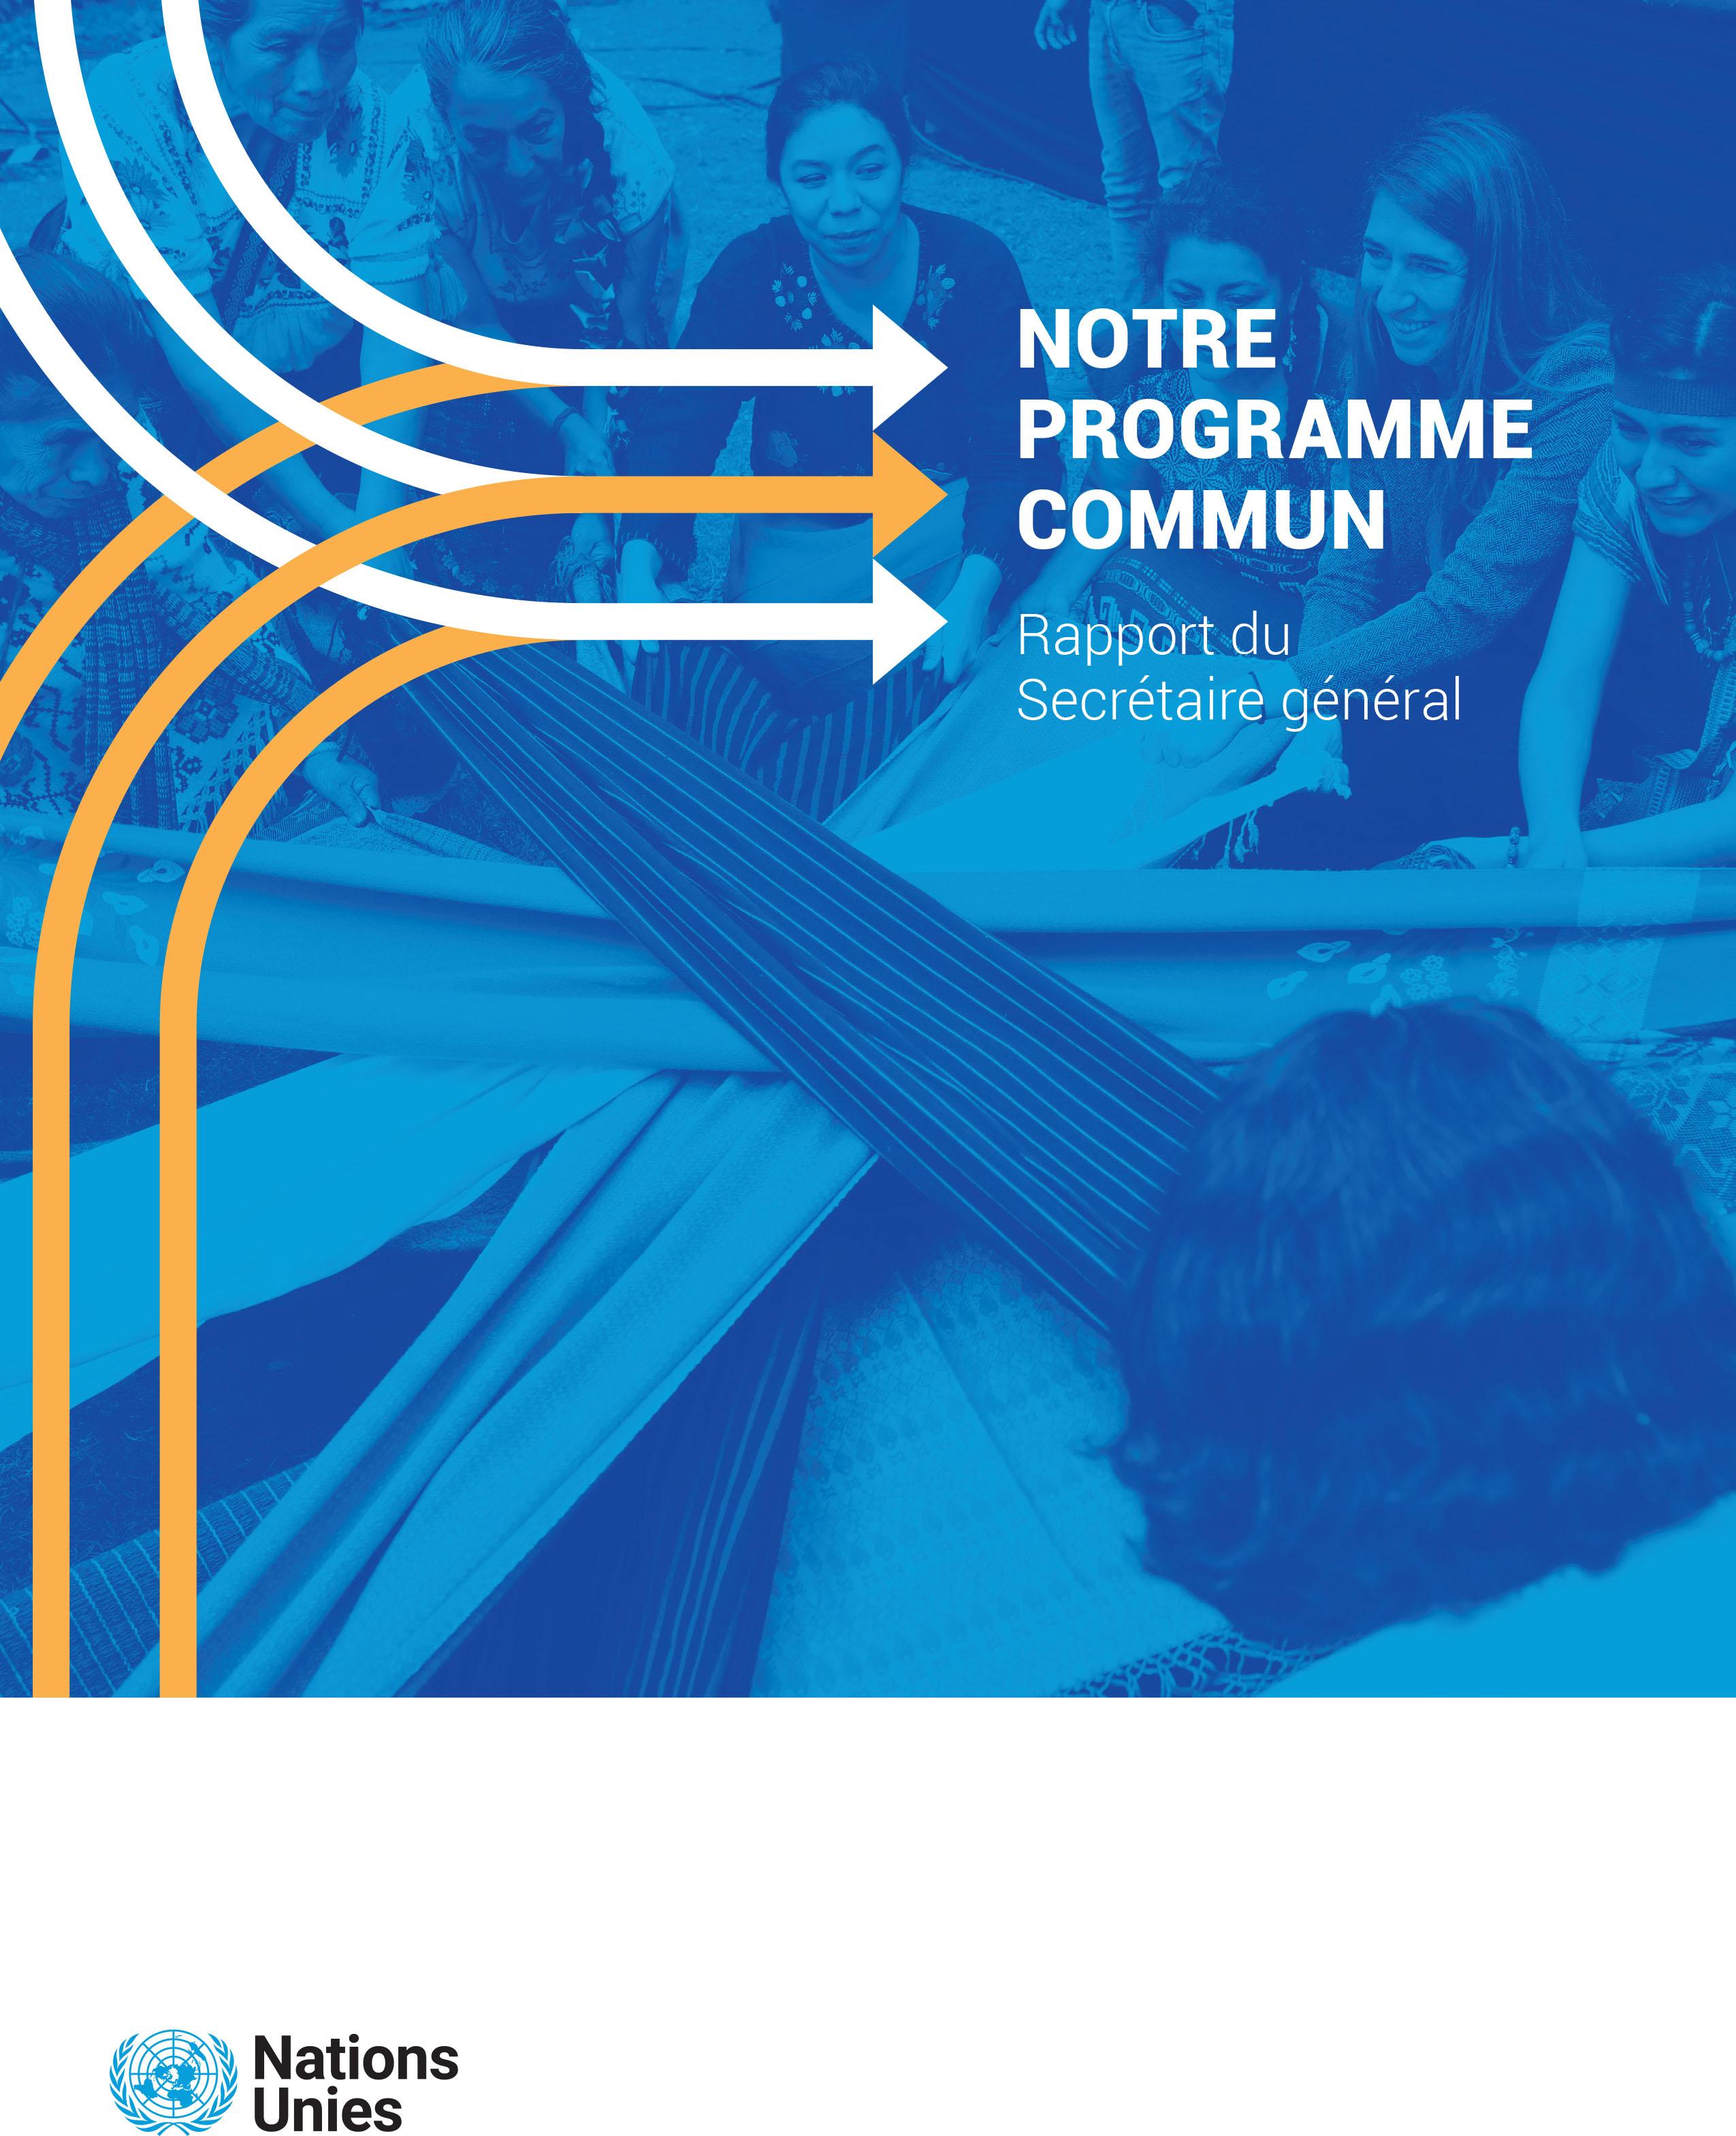 Notre programme commun - Rapport du Secrétaire général